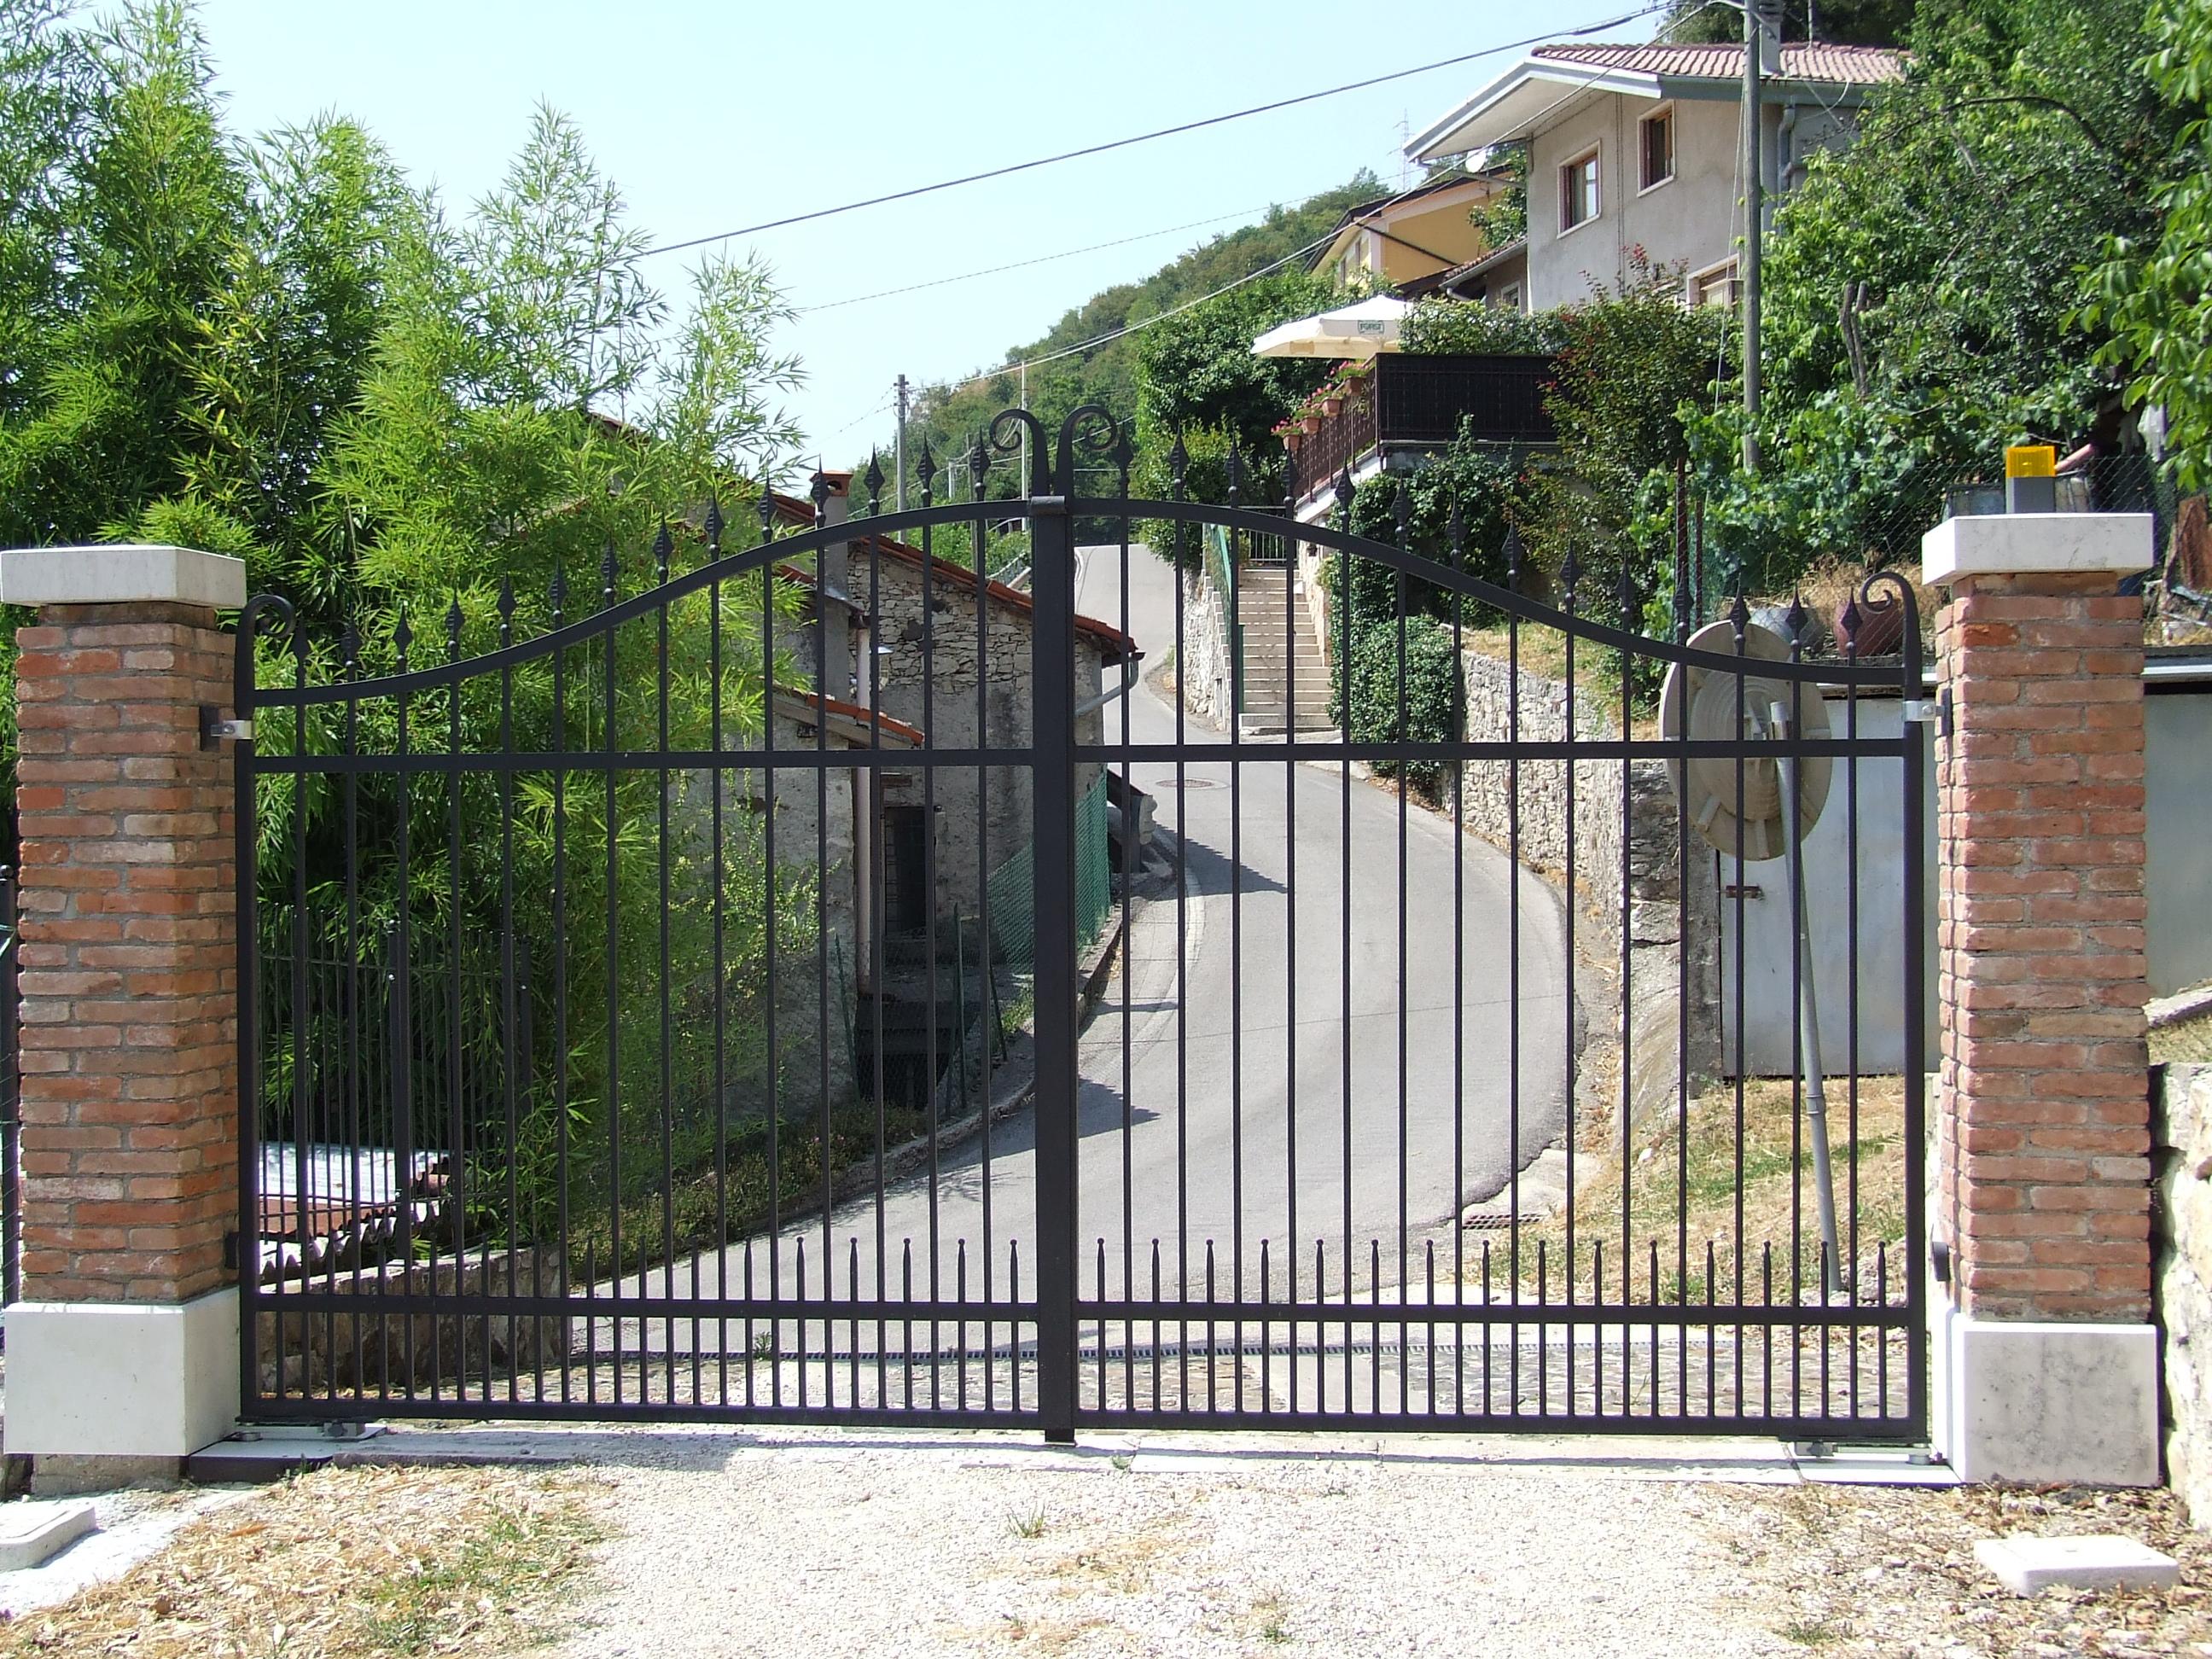 Casa moderna roma italy cancelli in ferro zincato prezzi - Recinzione casa prezzi ...